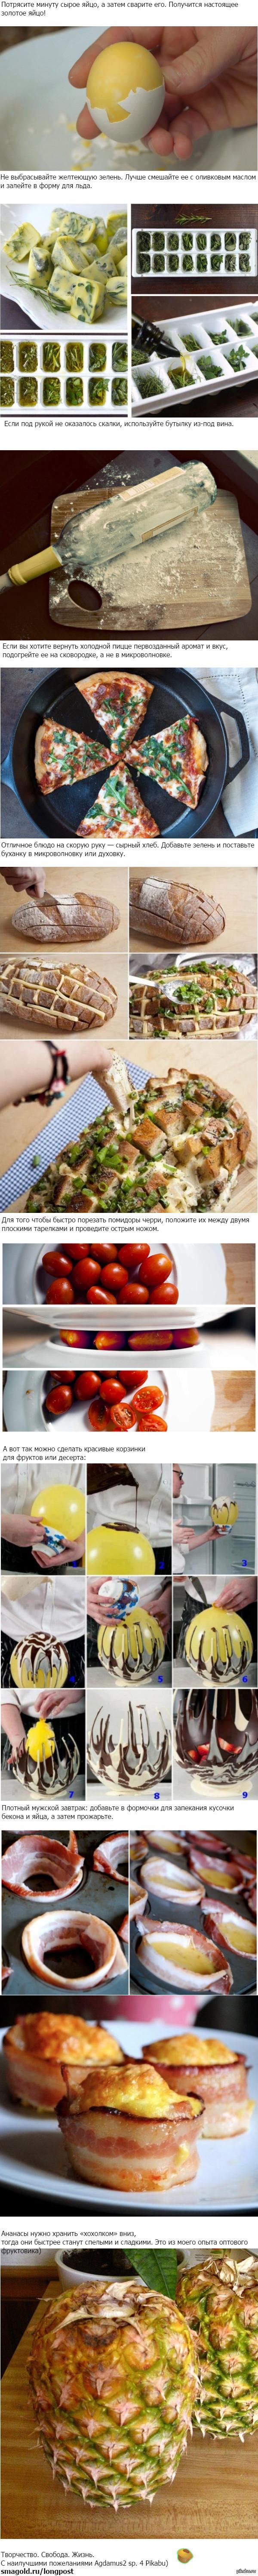 Cоветы, которые настолько помогут вам на кухне, что пребывание на ней станет одним огромным удовольствием. Тег моё, думаю можно поставить.